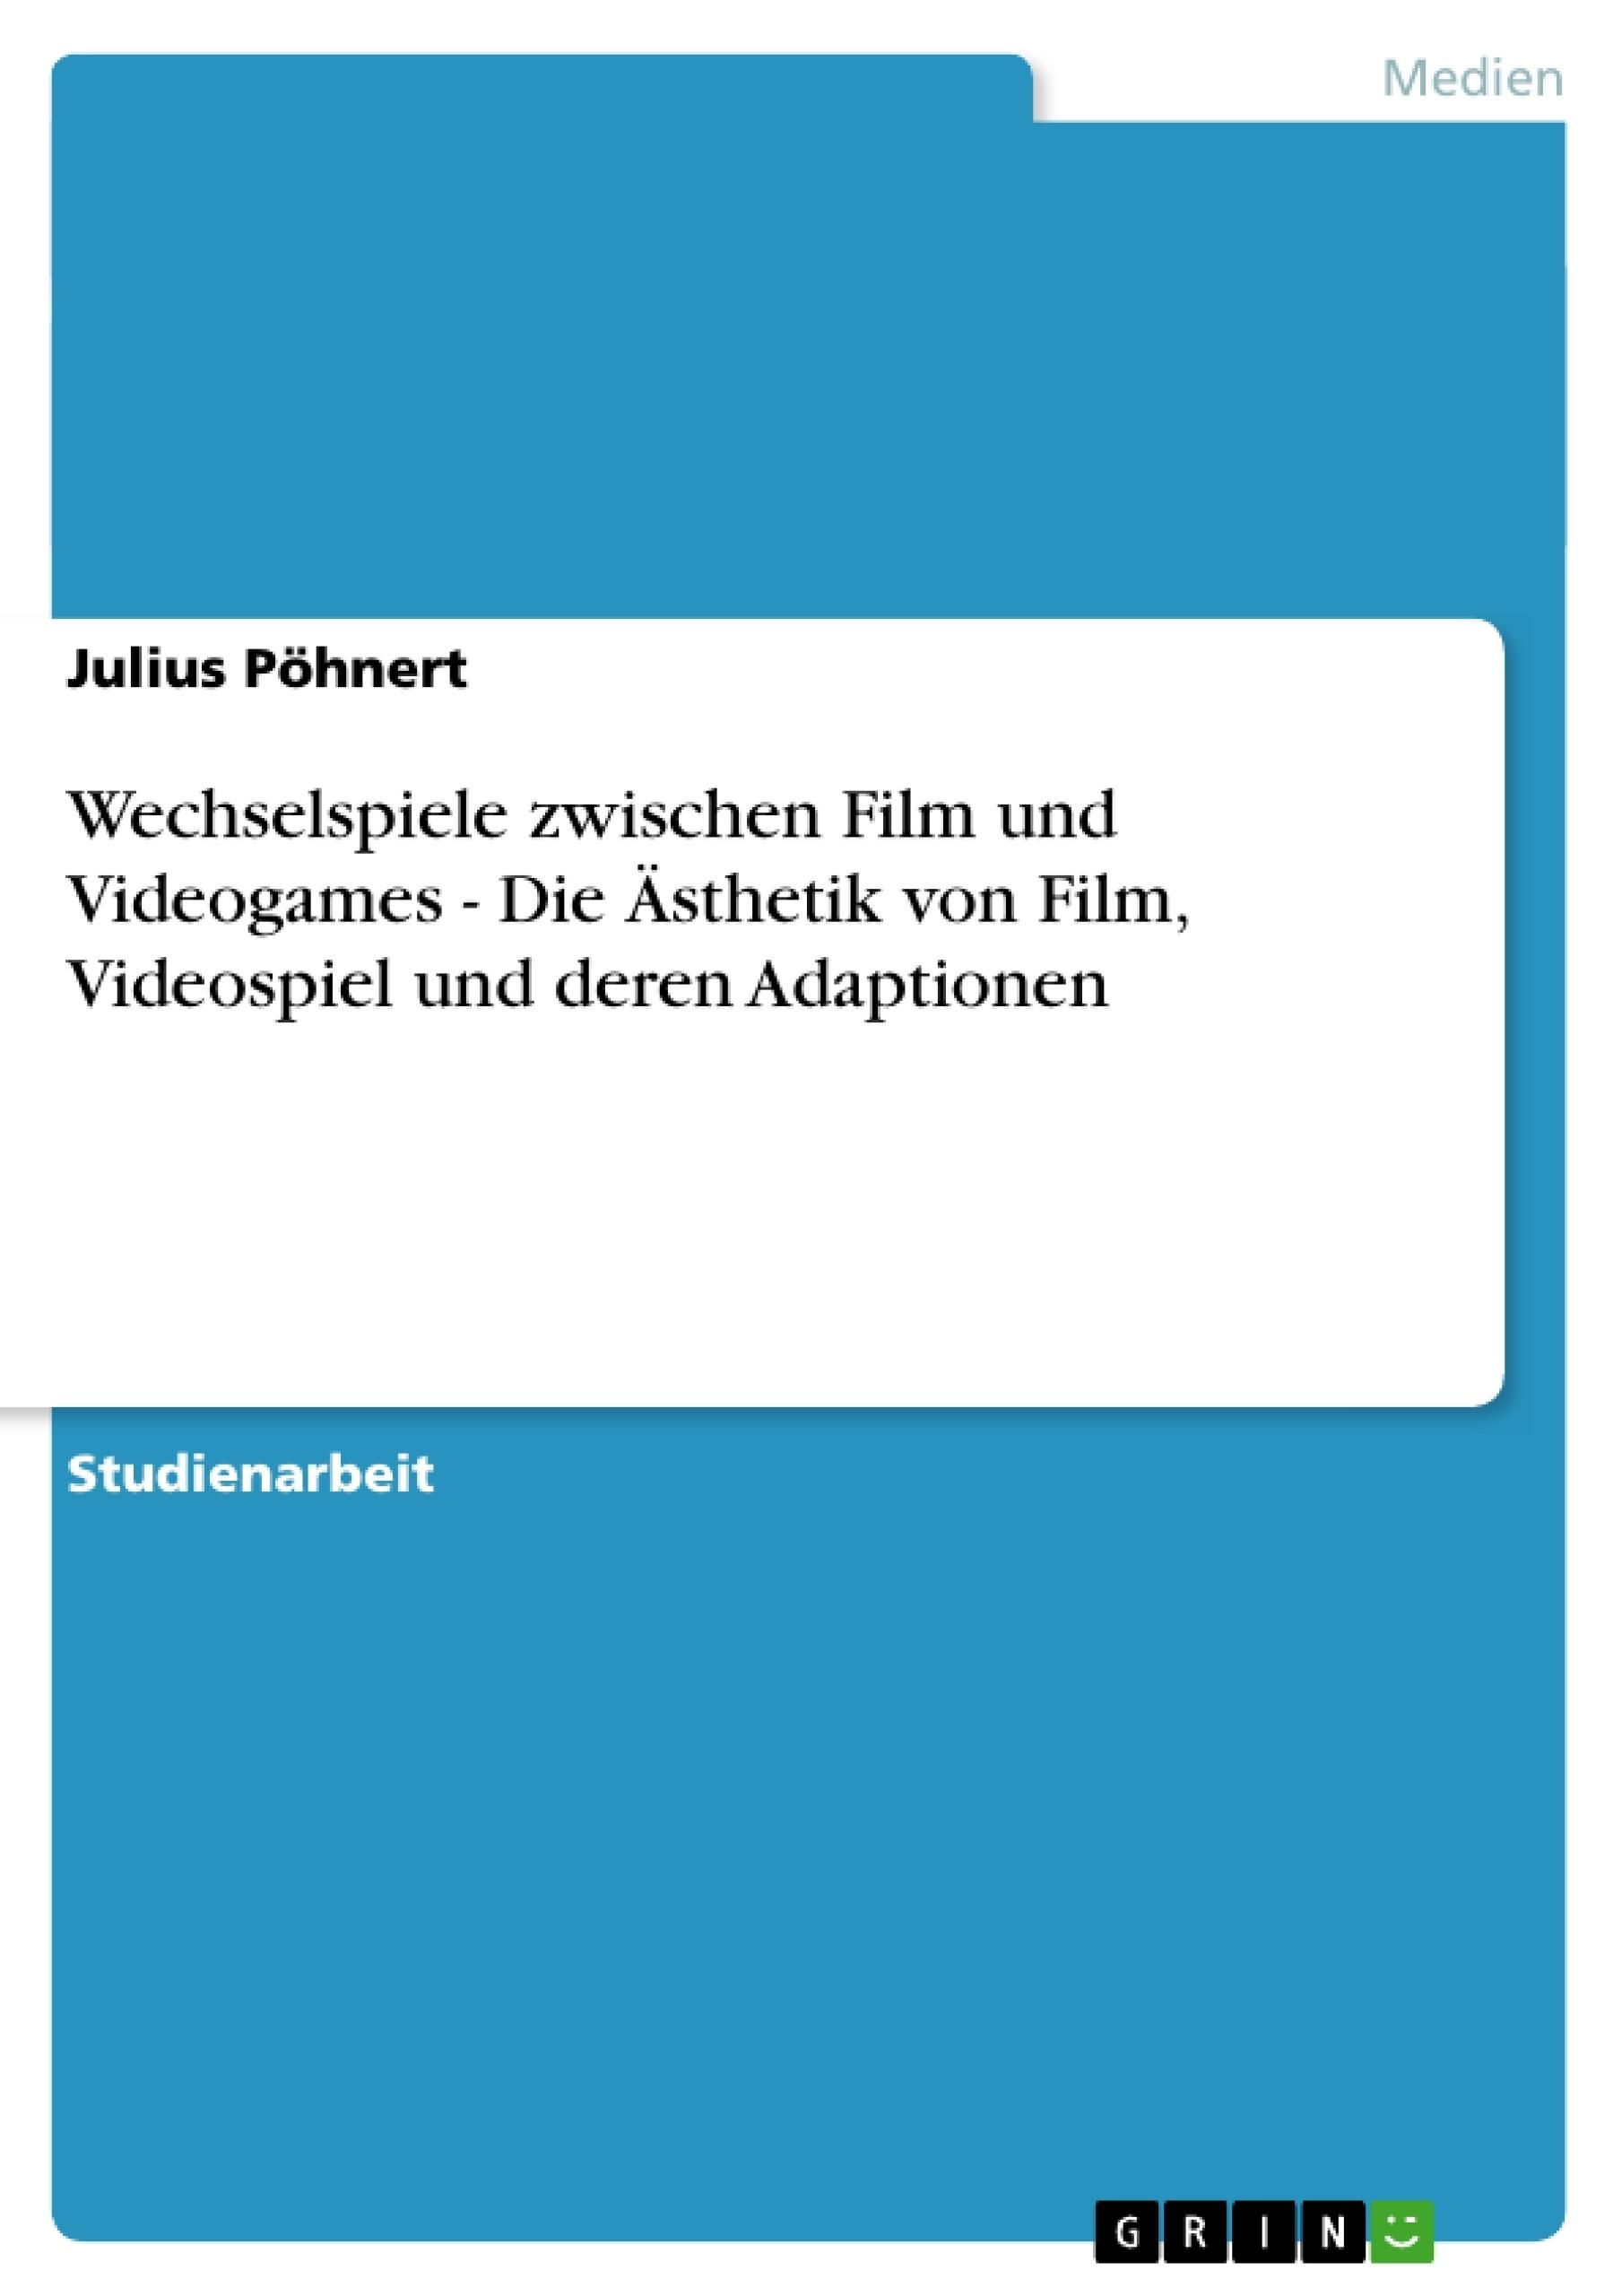 Titel: Wechselspiele zwischen Film und Videogames - Die Ästhetik von Film, Videospiel und deren Adaptionen